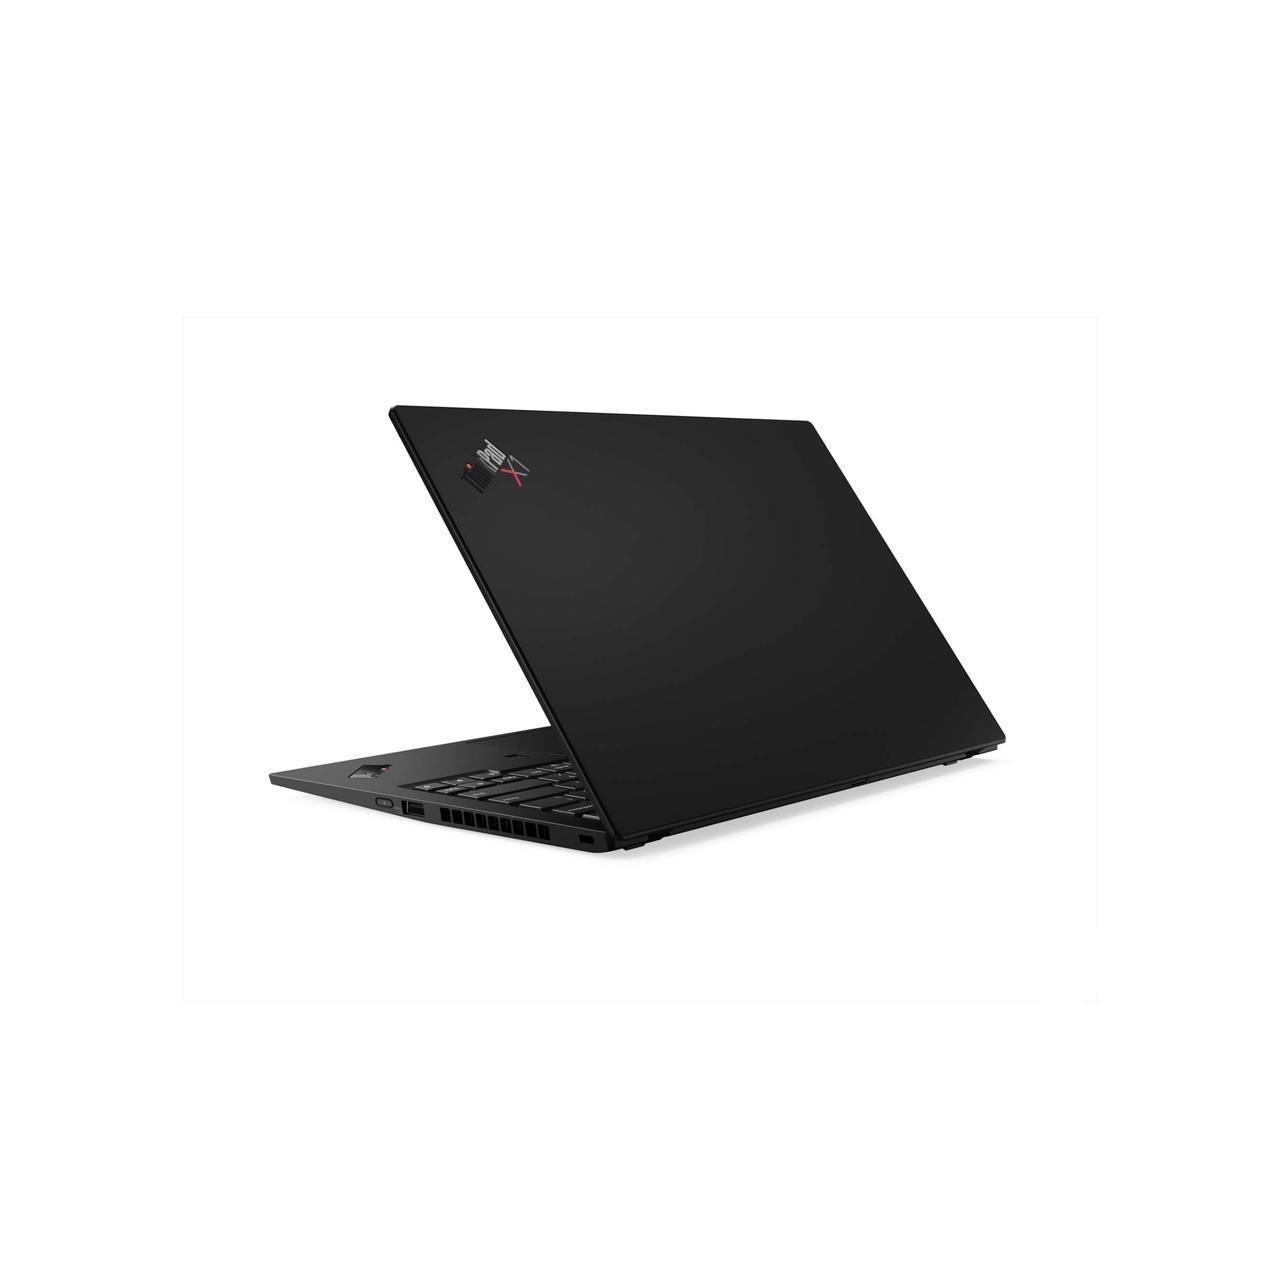 Lenovo ThinkPad X1 Carbon Gen 8 14-inch (2020) - Core i7-10510U - 16 GB - HDD 1 TB